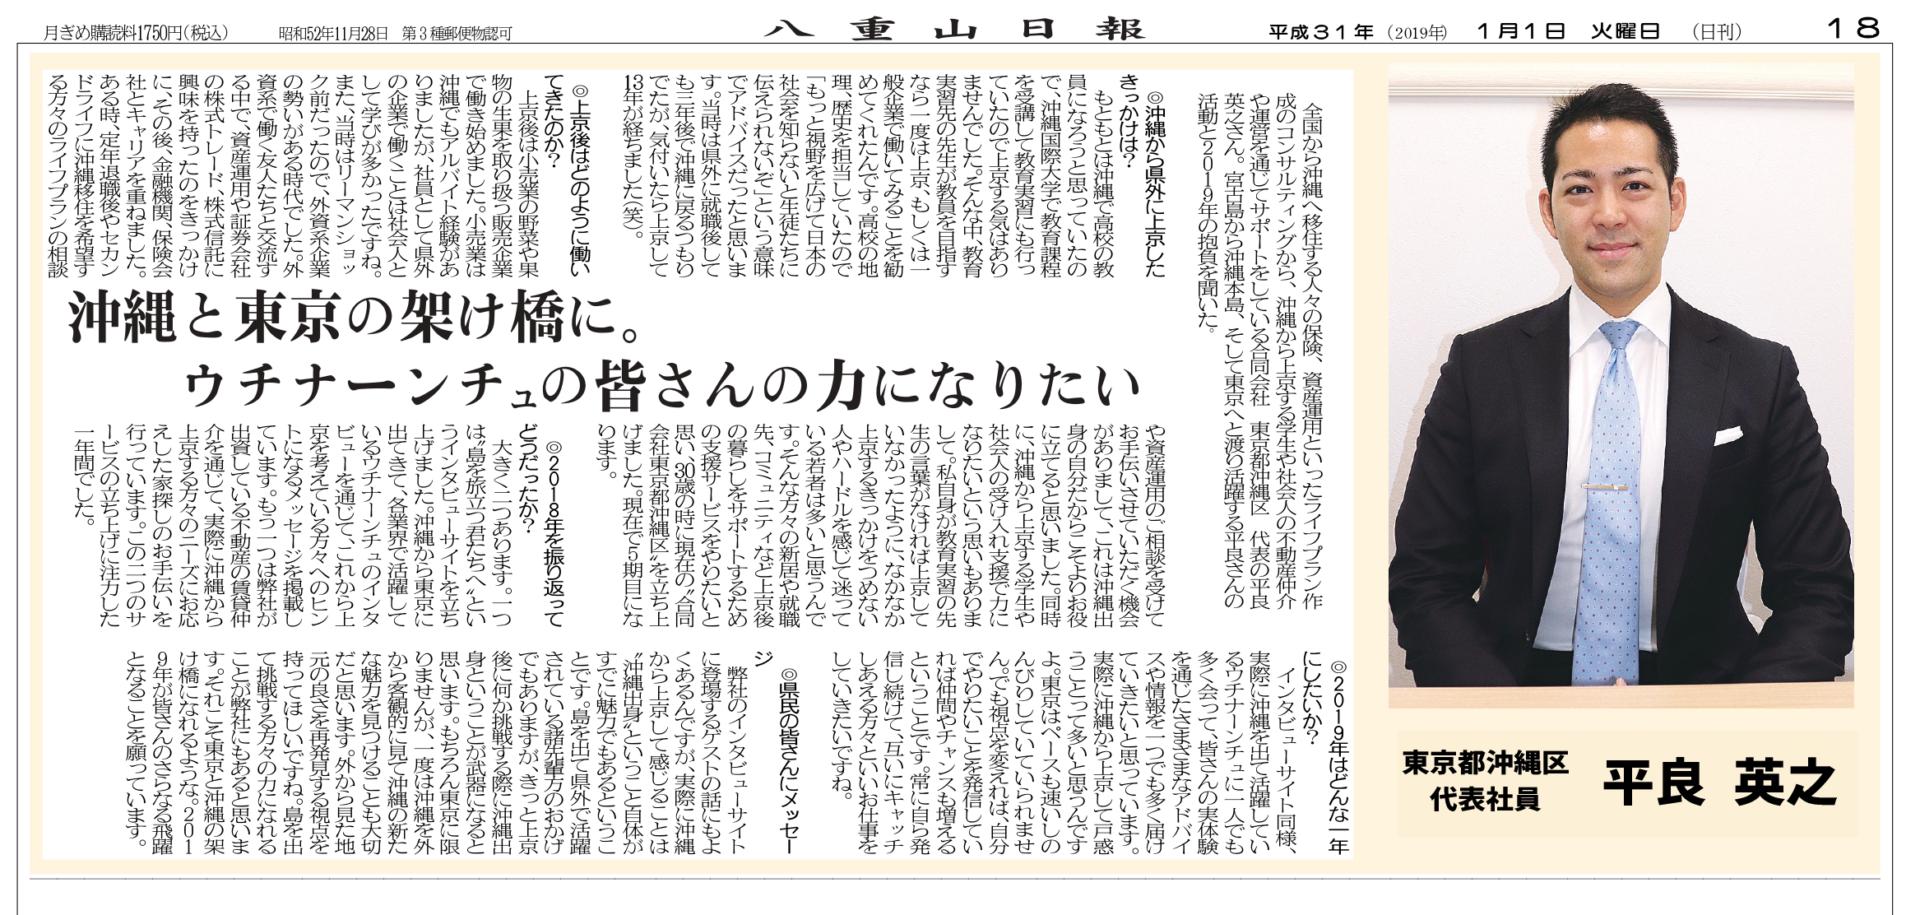 八重山日報インタビュー